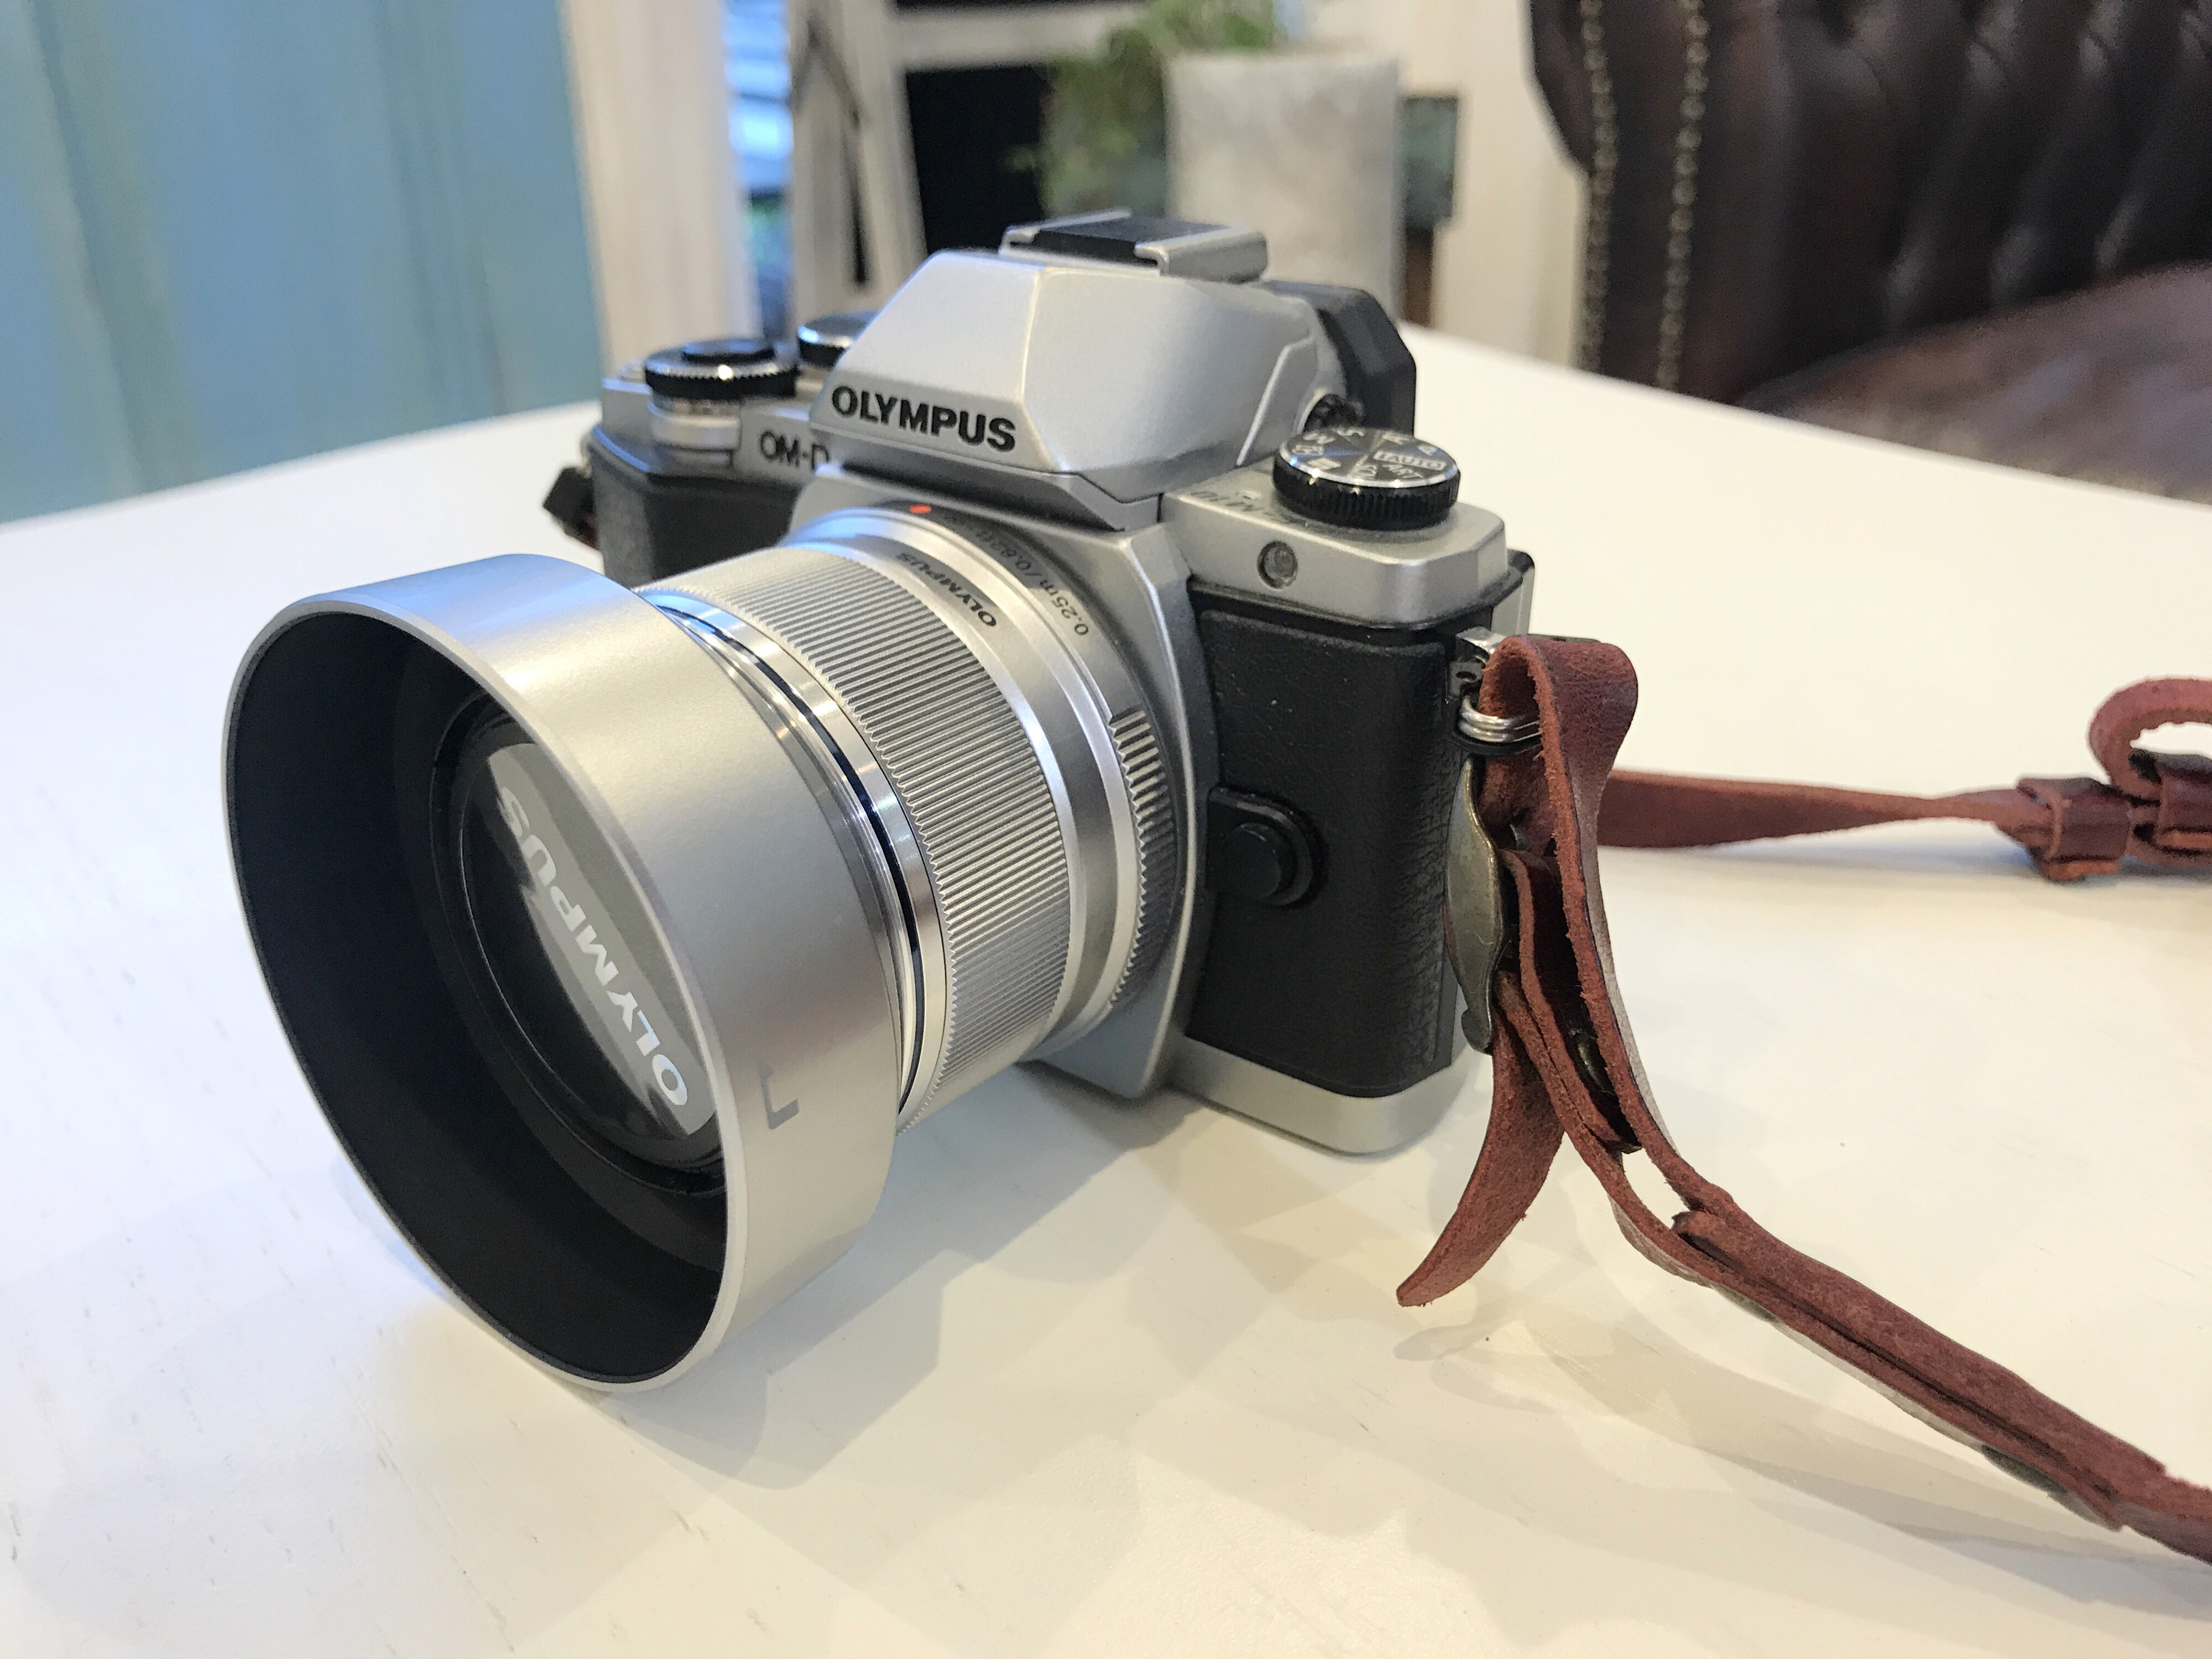 これからカメラを始める人にちょうど良い単焦点レンズのご紹介。